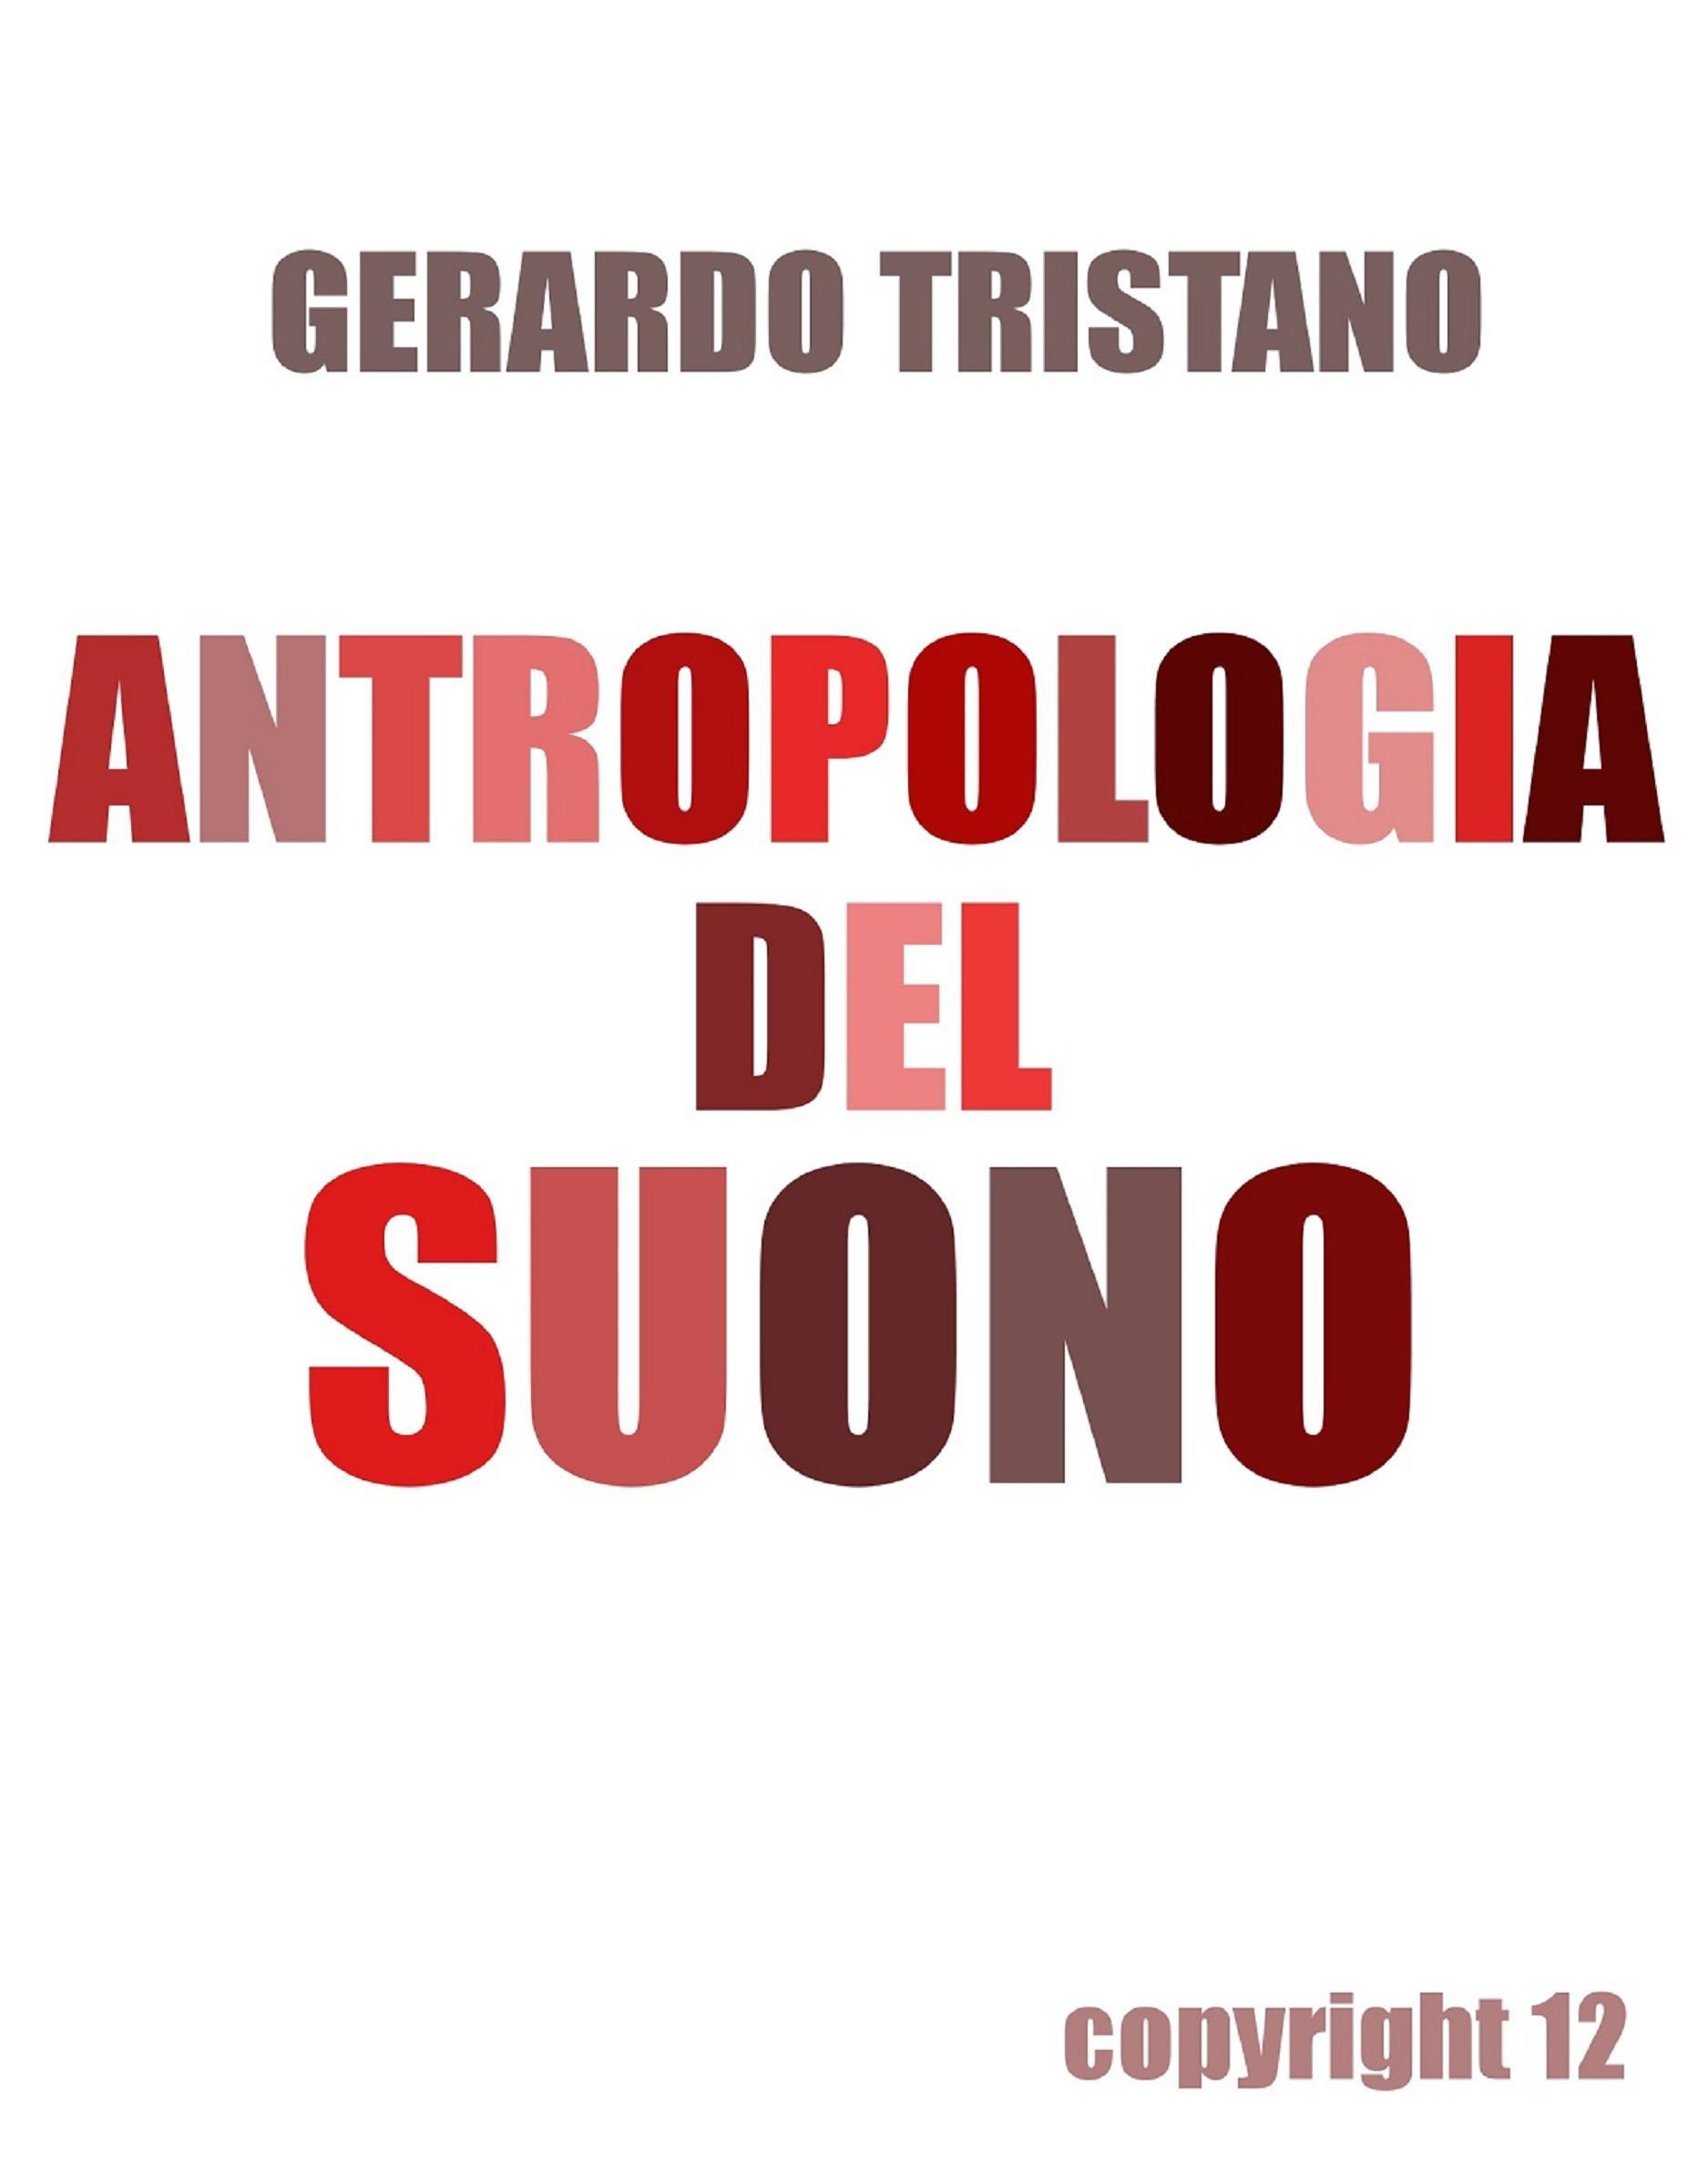 Antropologia del suono